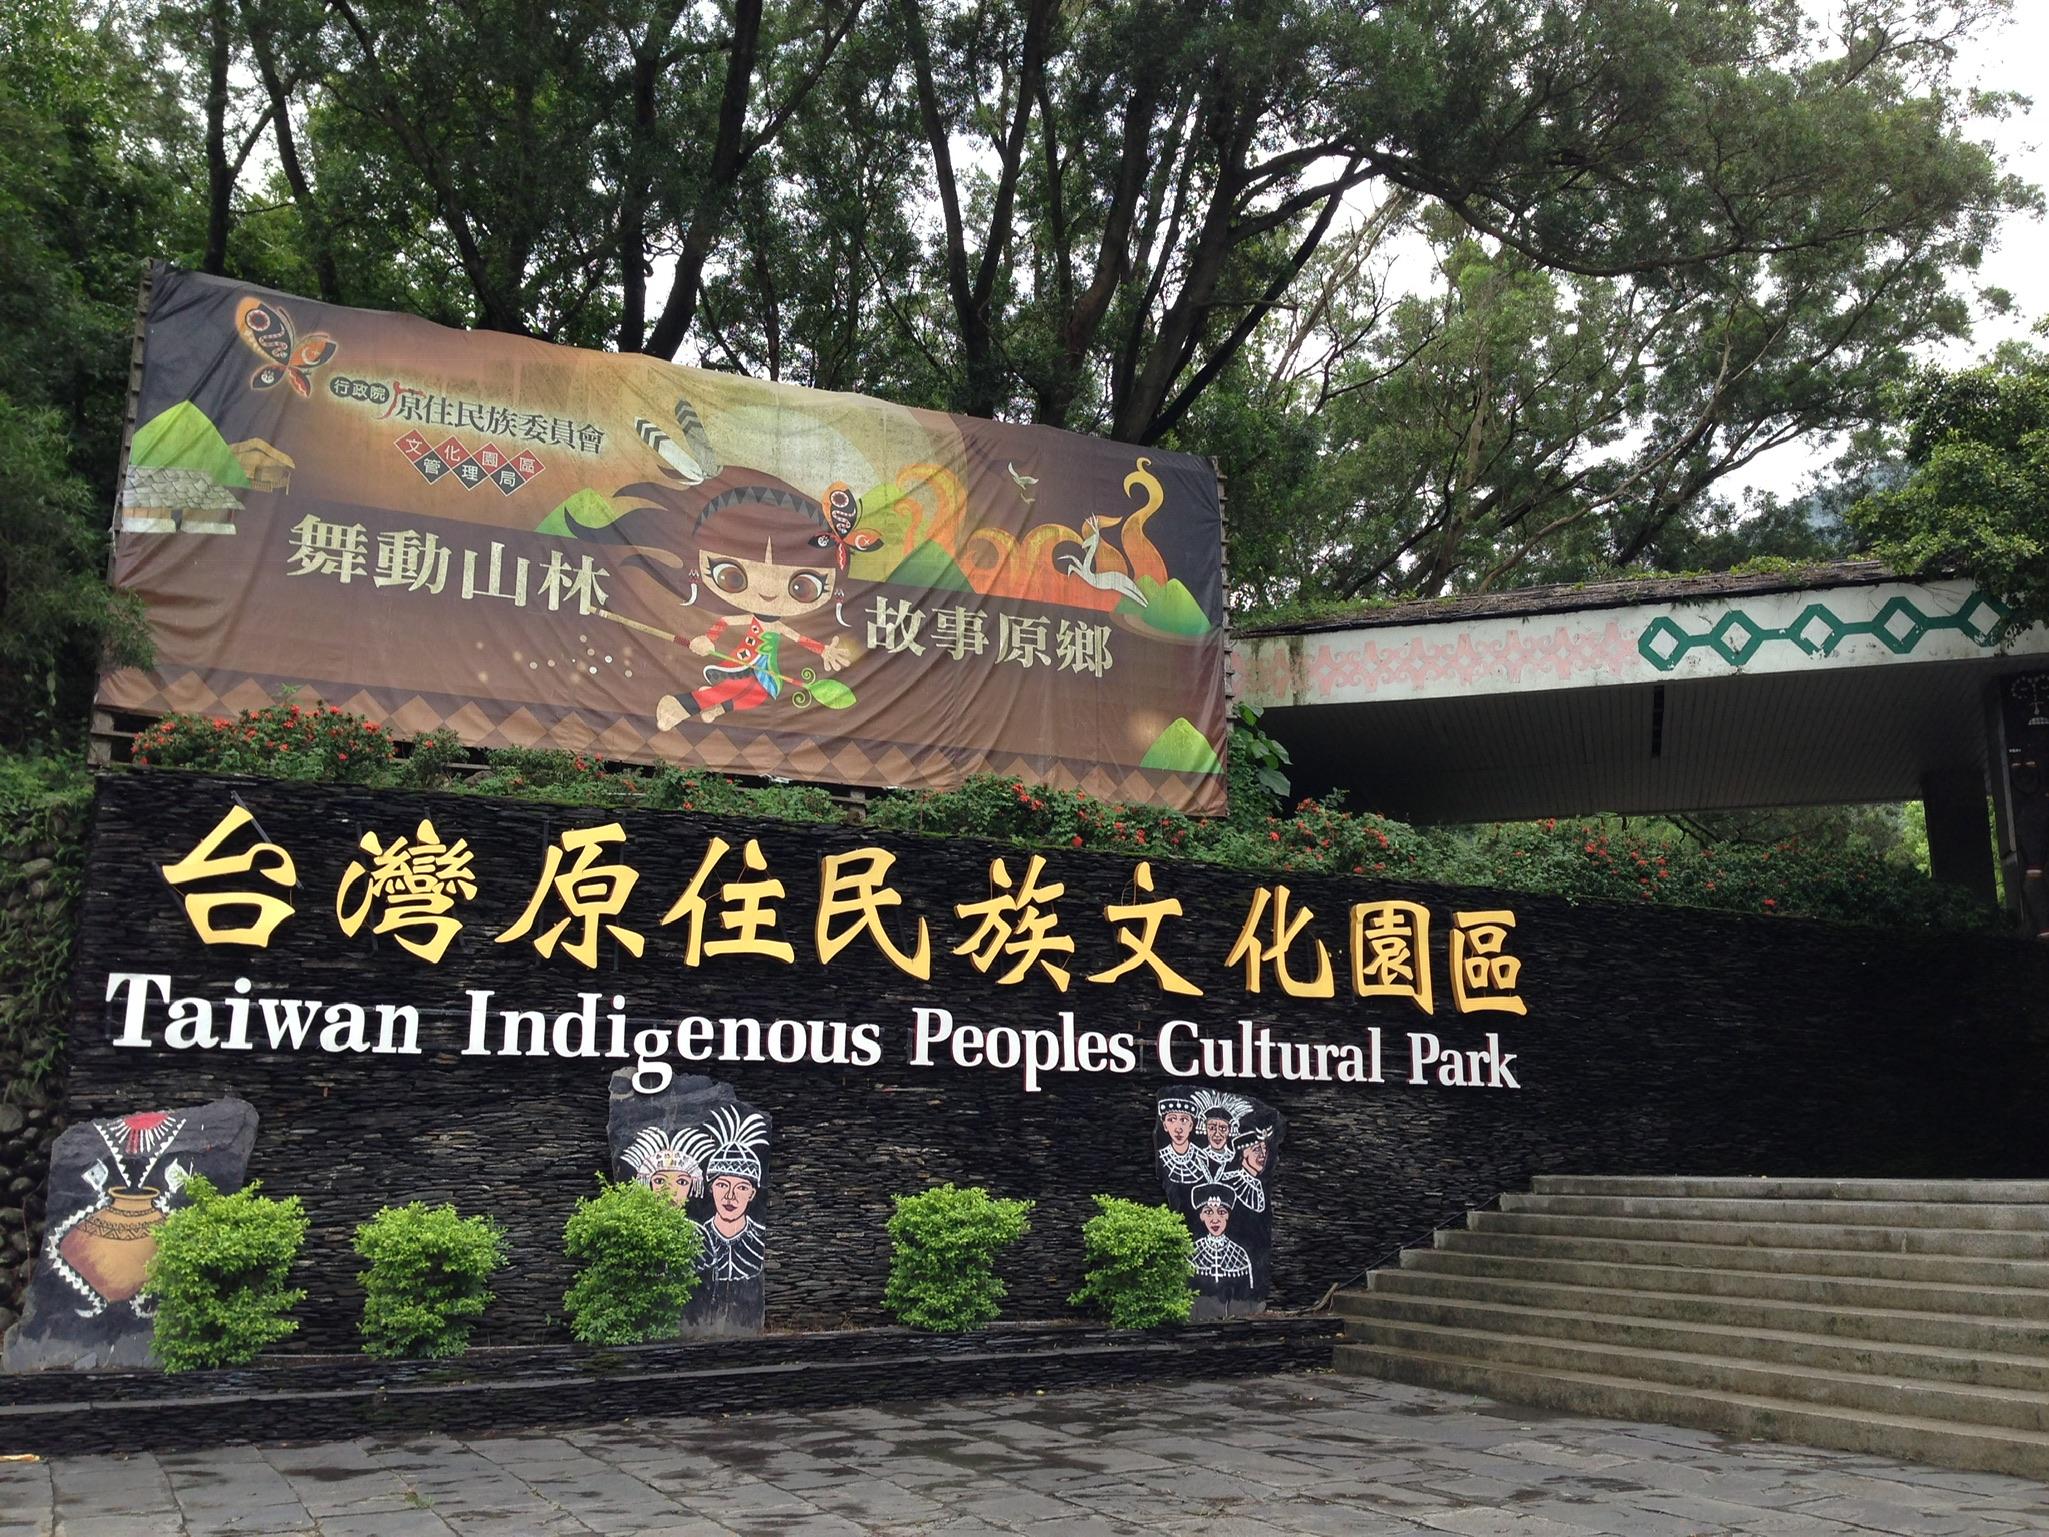 台湾原住民文化園區